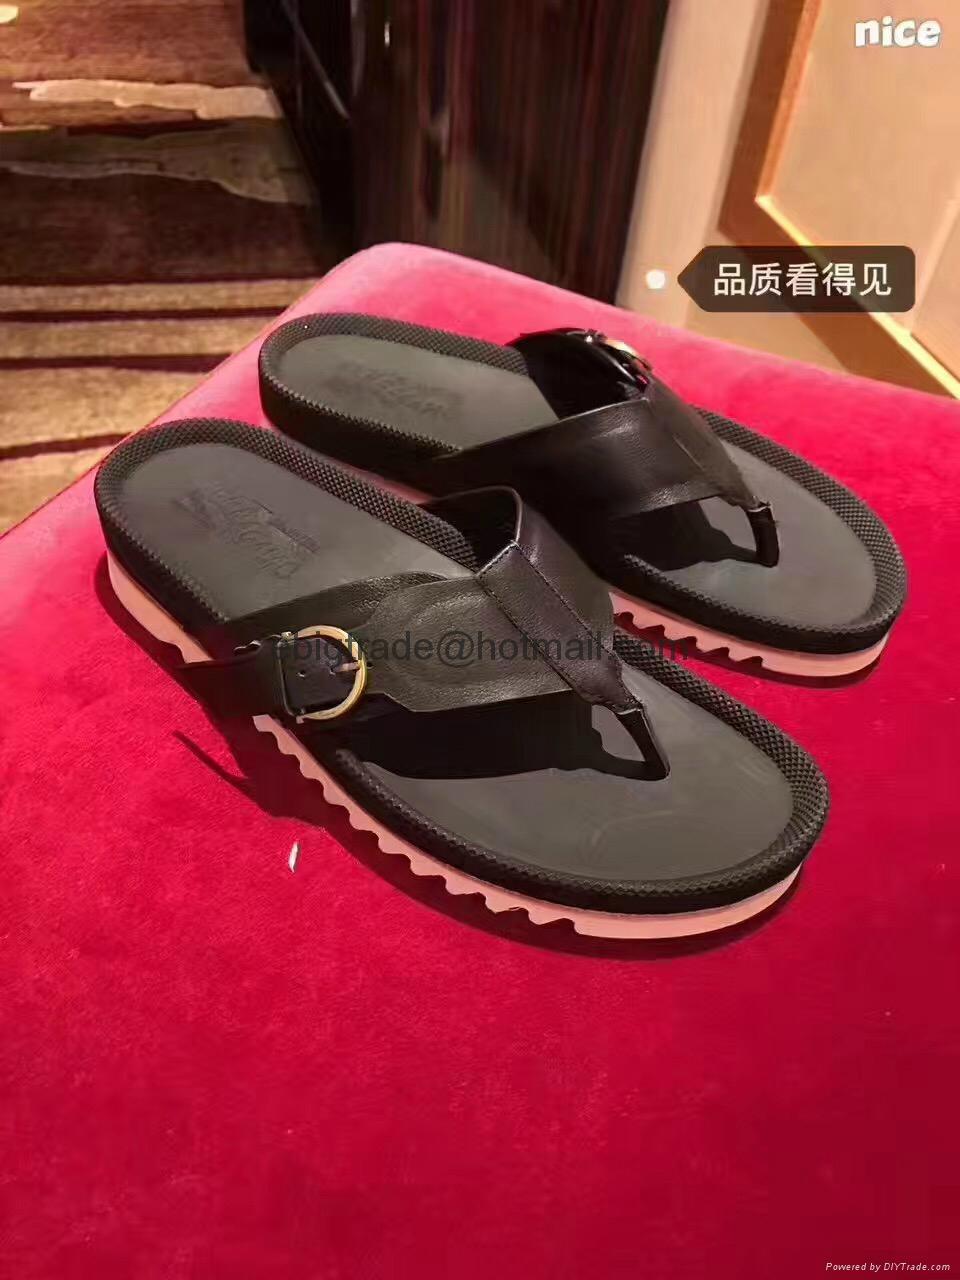 74c8ce41070ab Cheap Salvatore Ferragamo Sandals Ferragamo men sandals Ferragamo ...